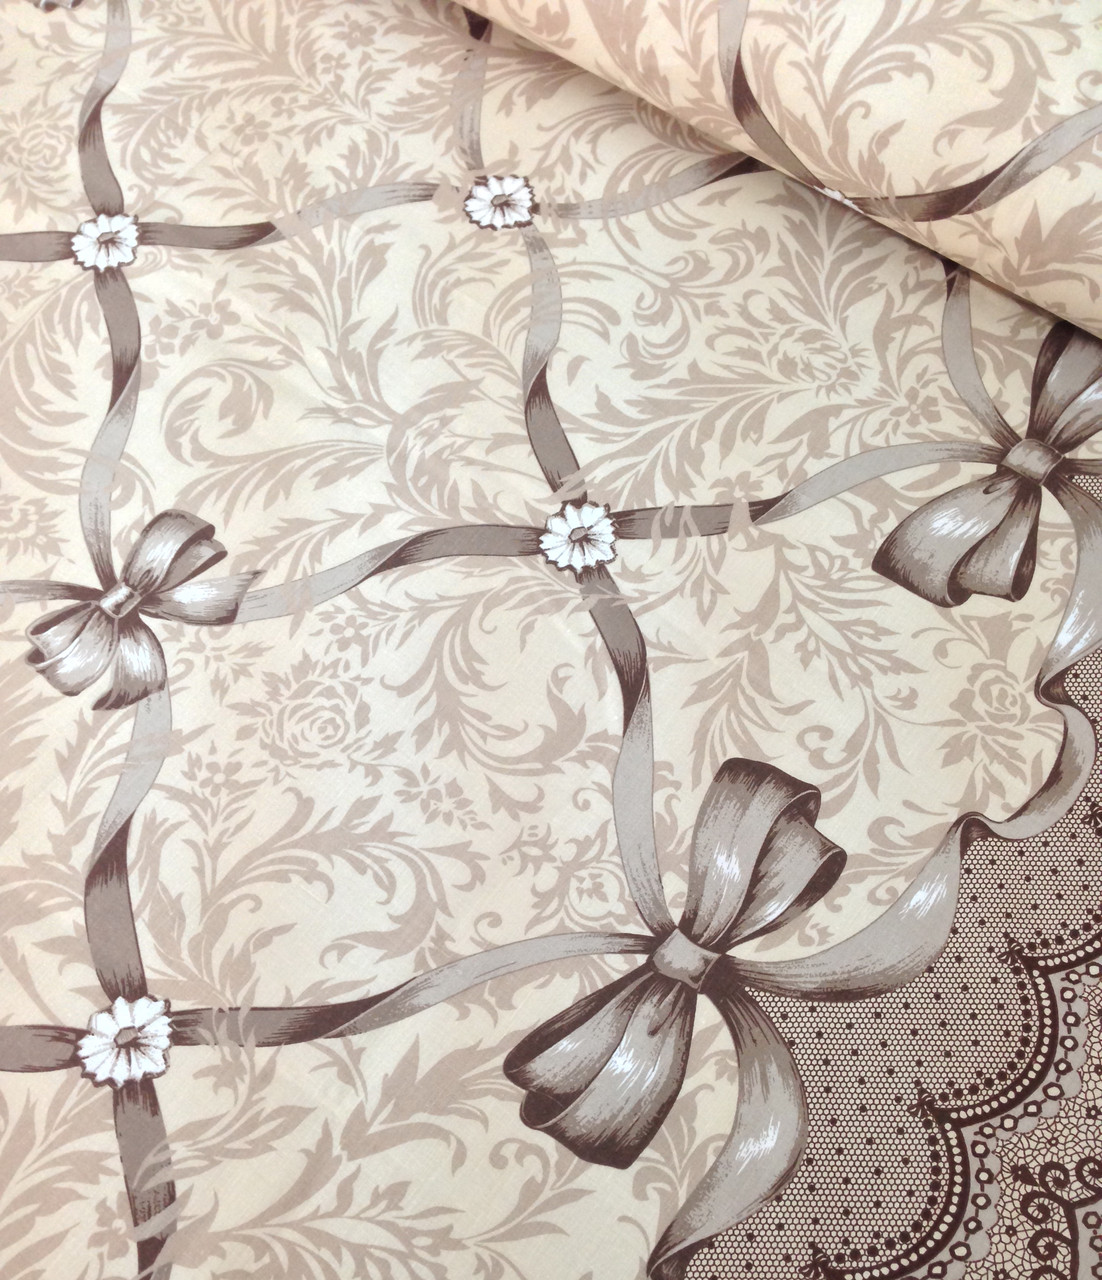 Хлопковая ткань польская орнамен с лентами и бантами бежевый (купонная) №631